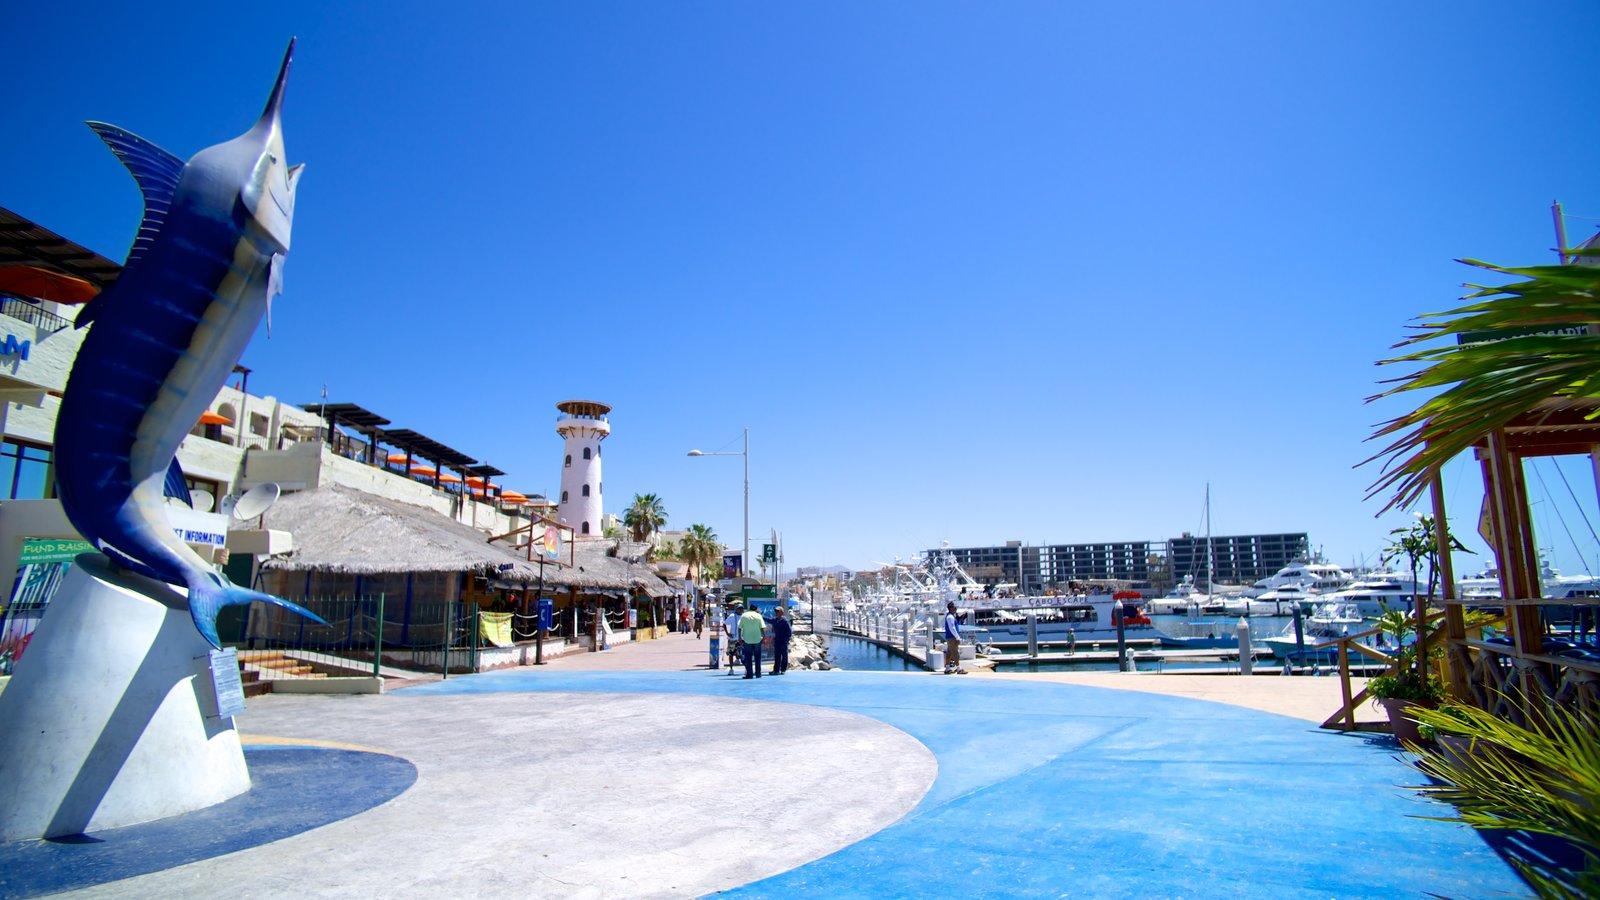 Marina Cabo San Lucas featuring a coastal town, a marina and outdoor art